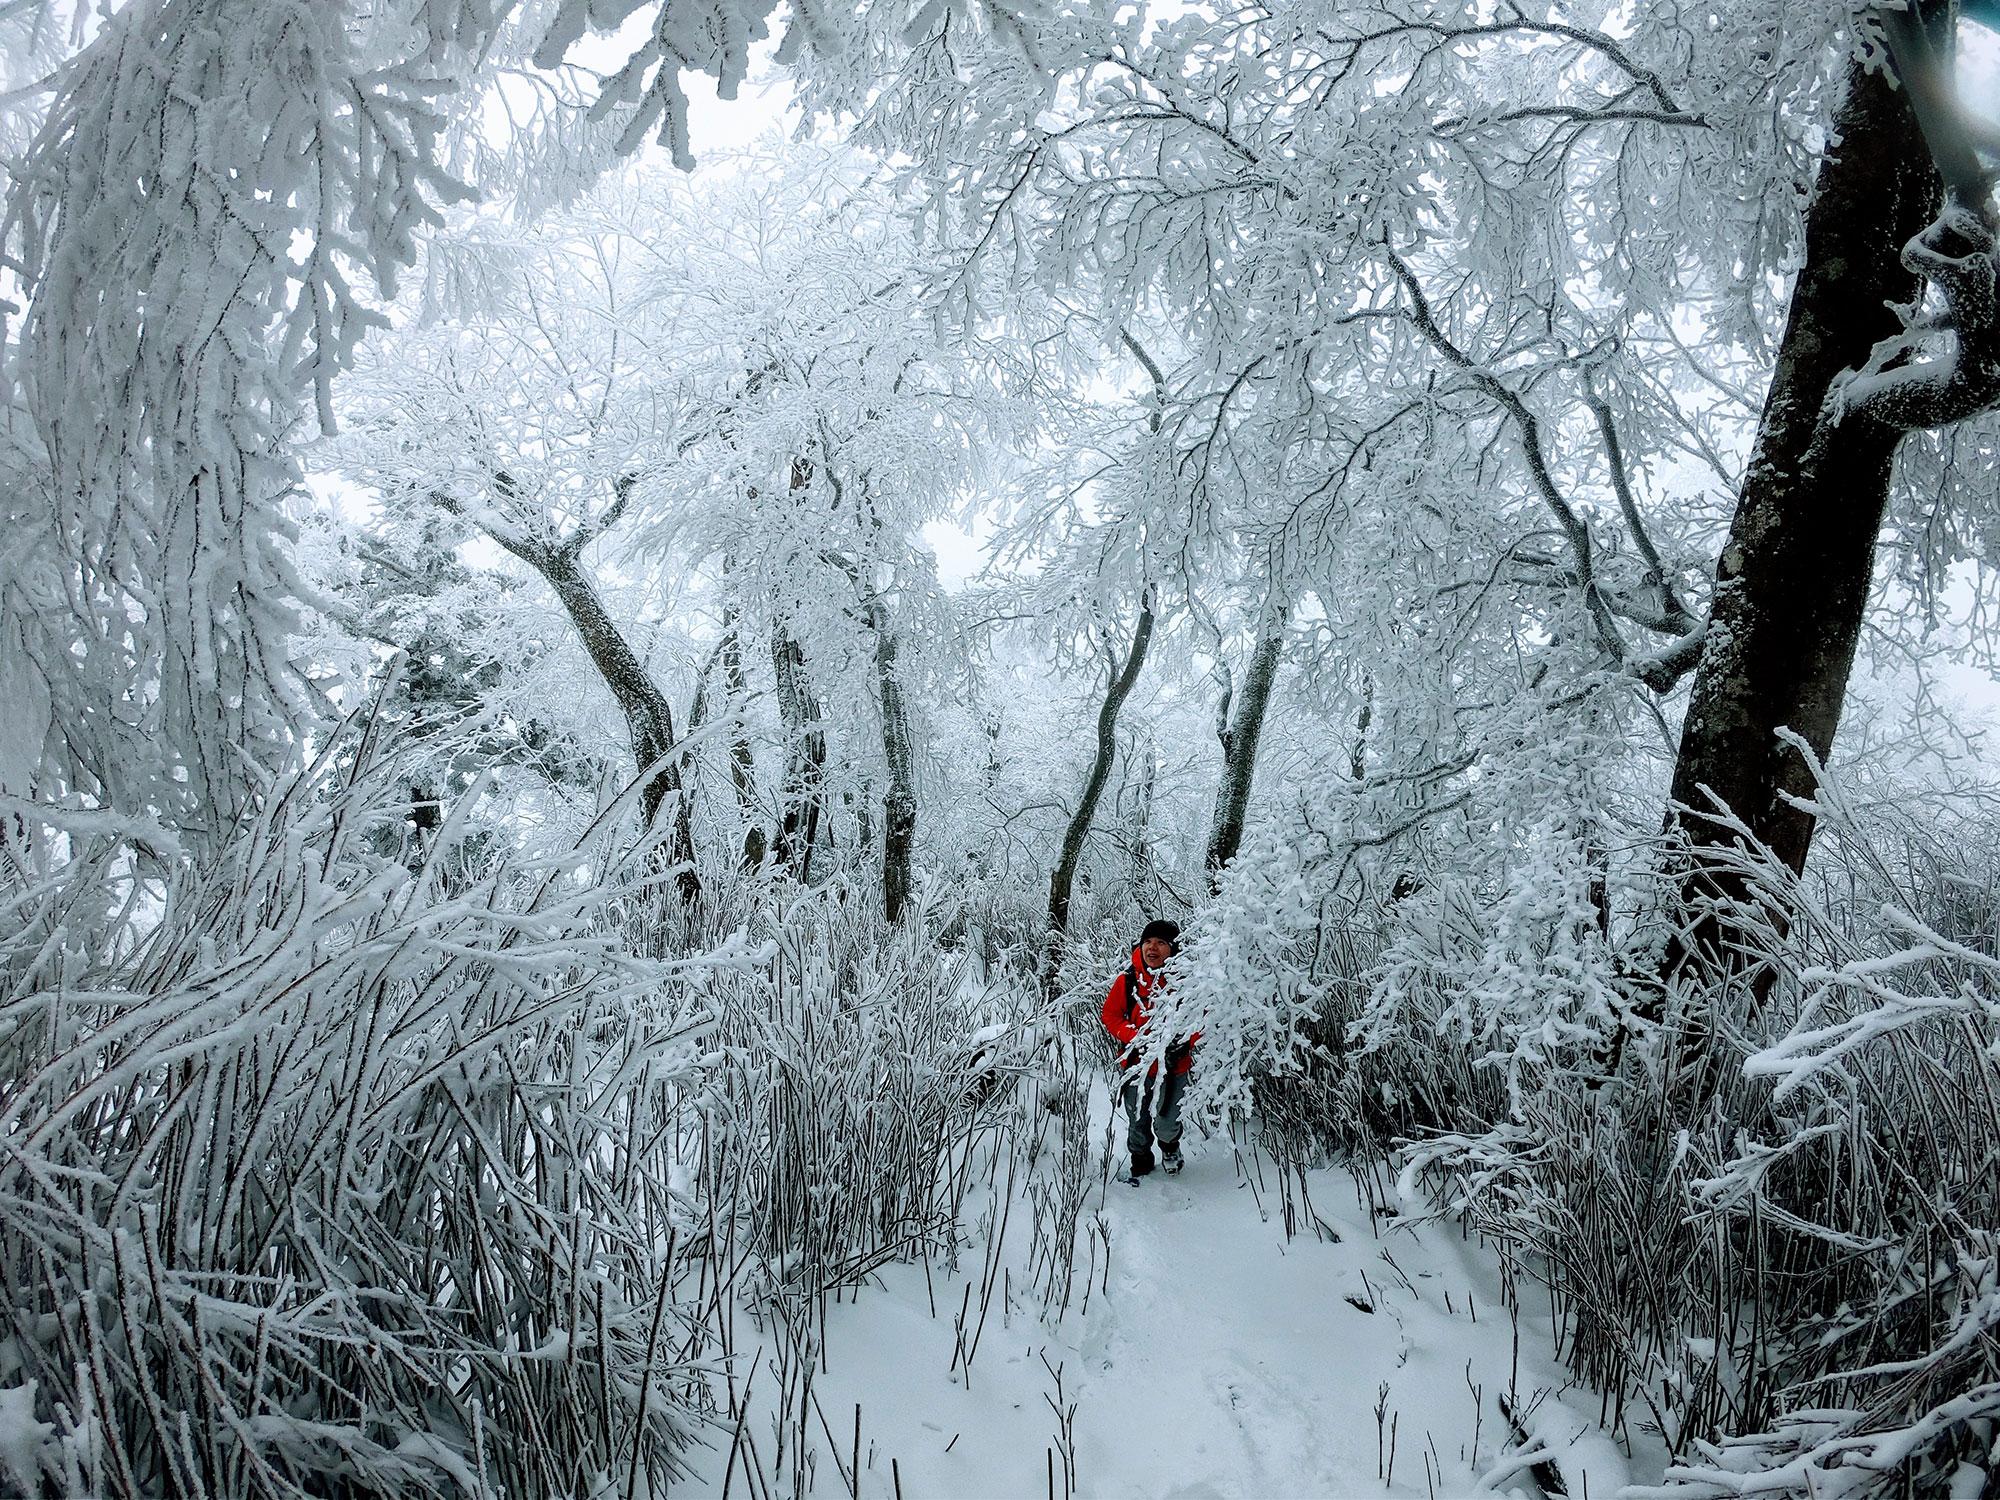 足元は新雪、見えげれば霧氷